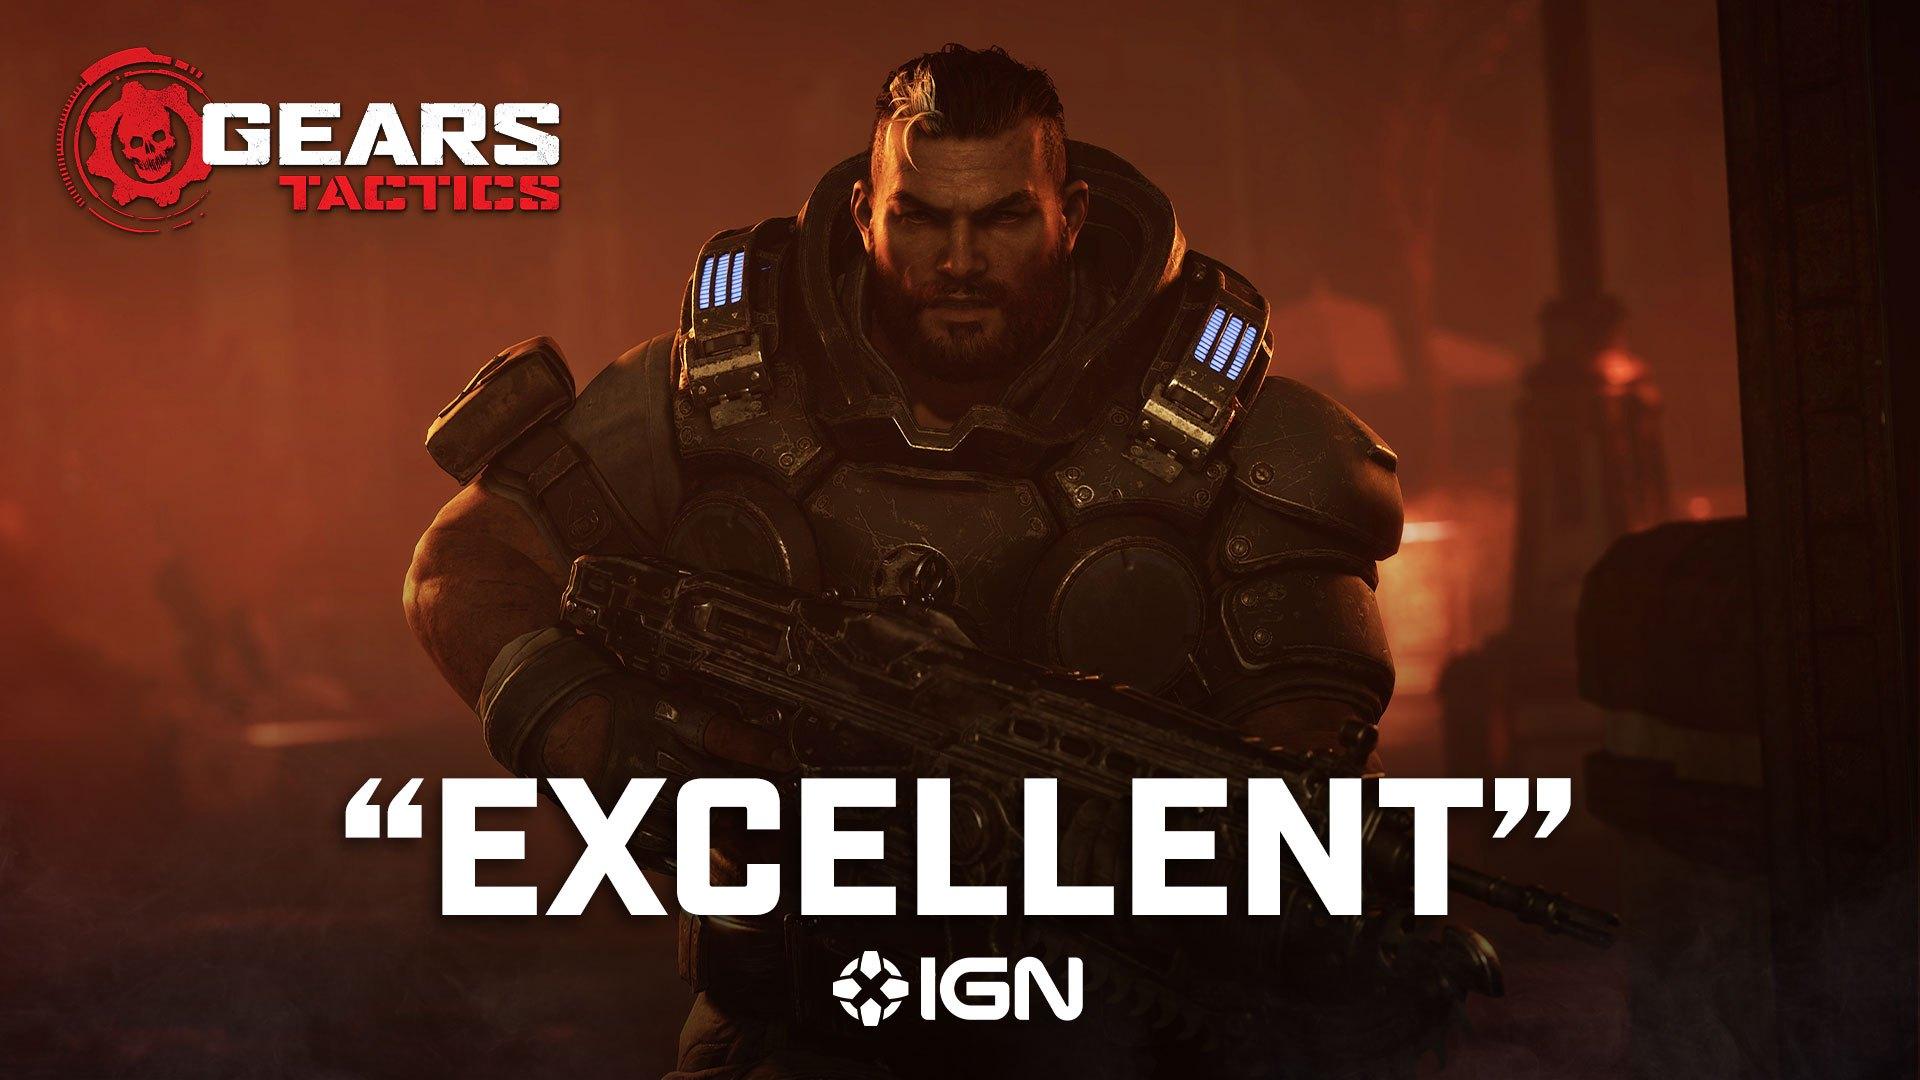 Обложка игры Gears Tactics